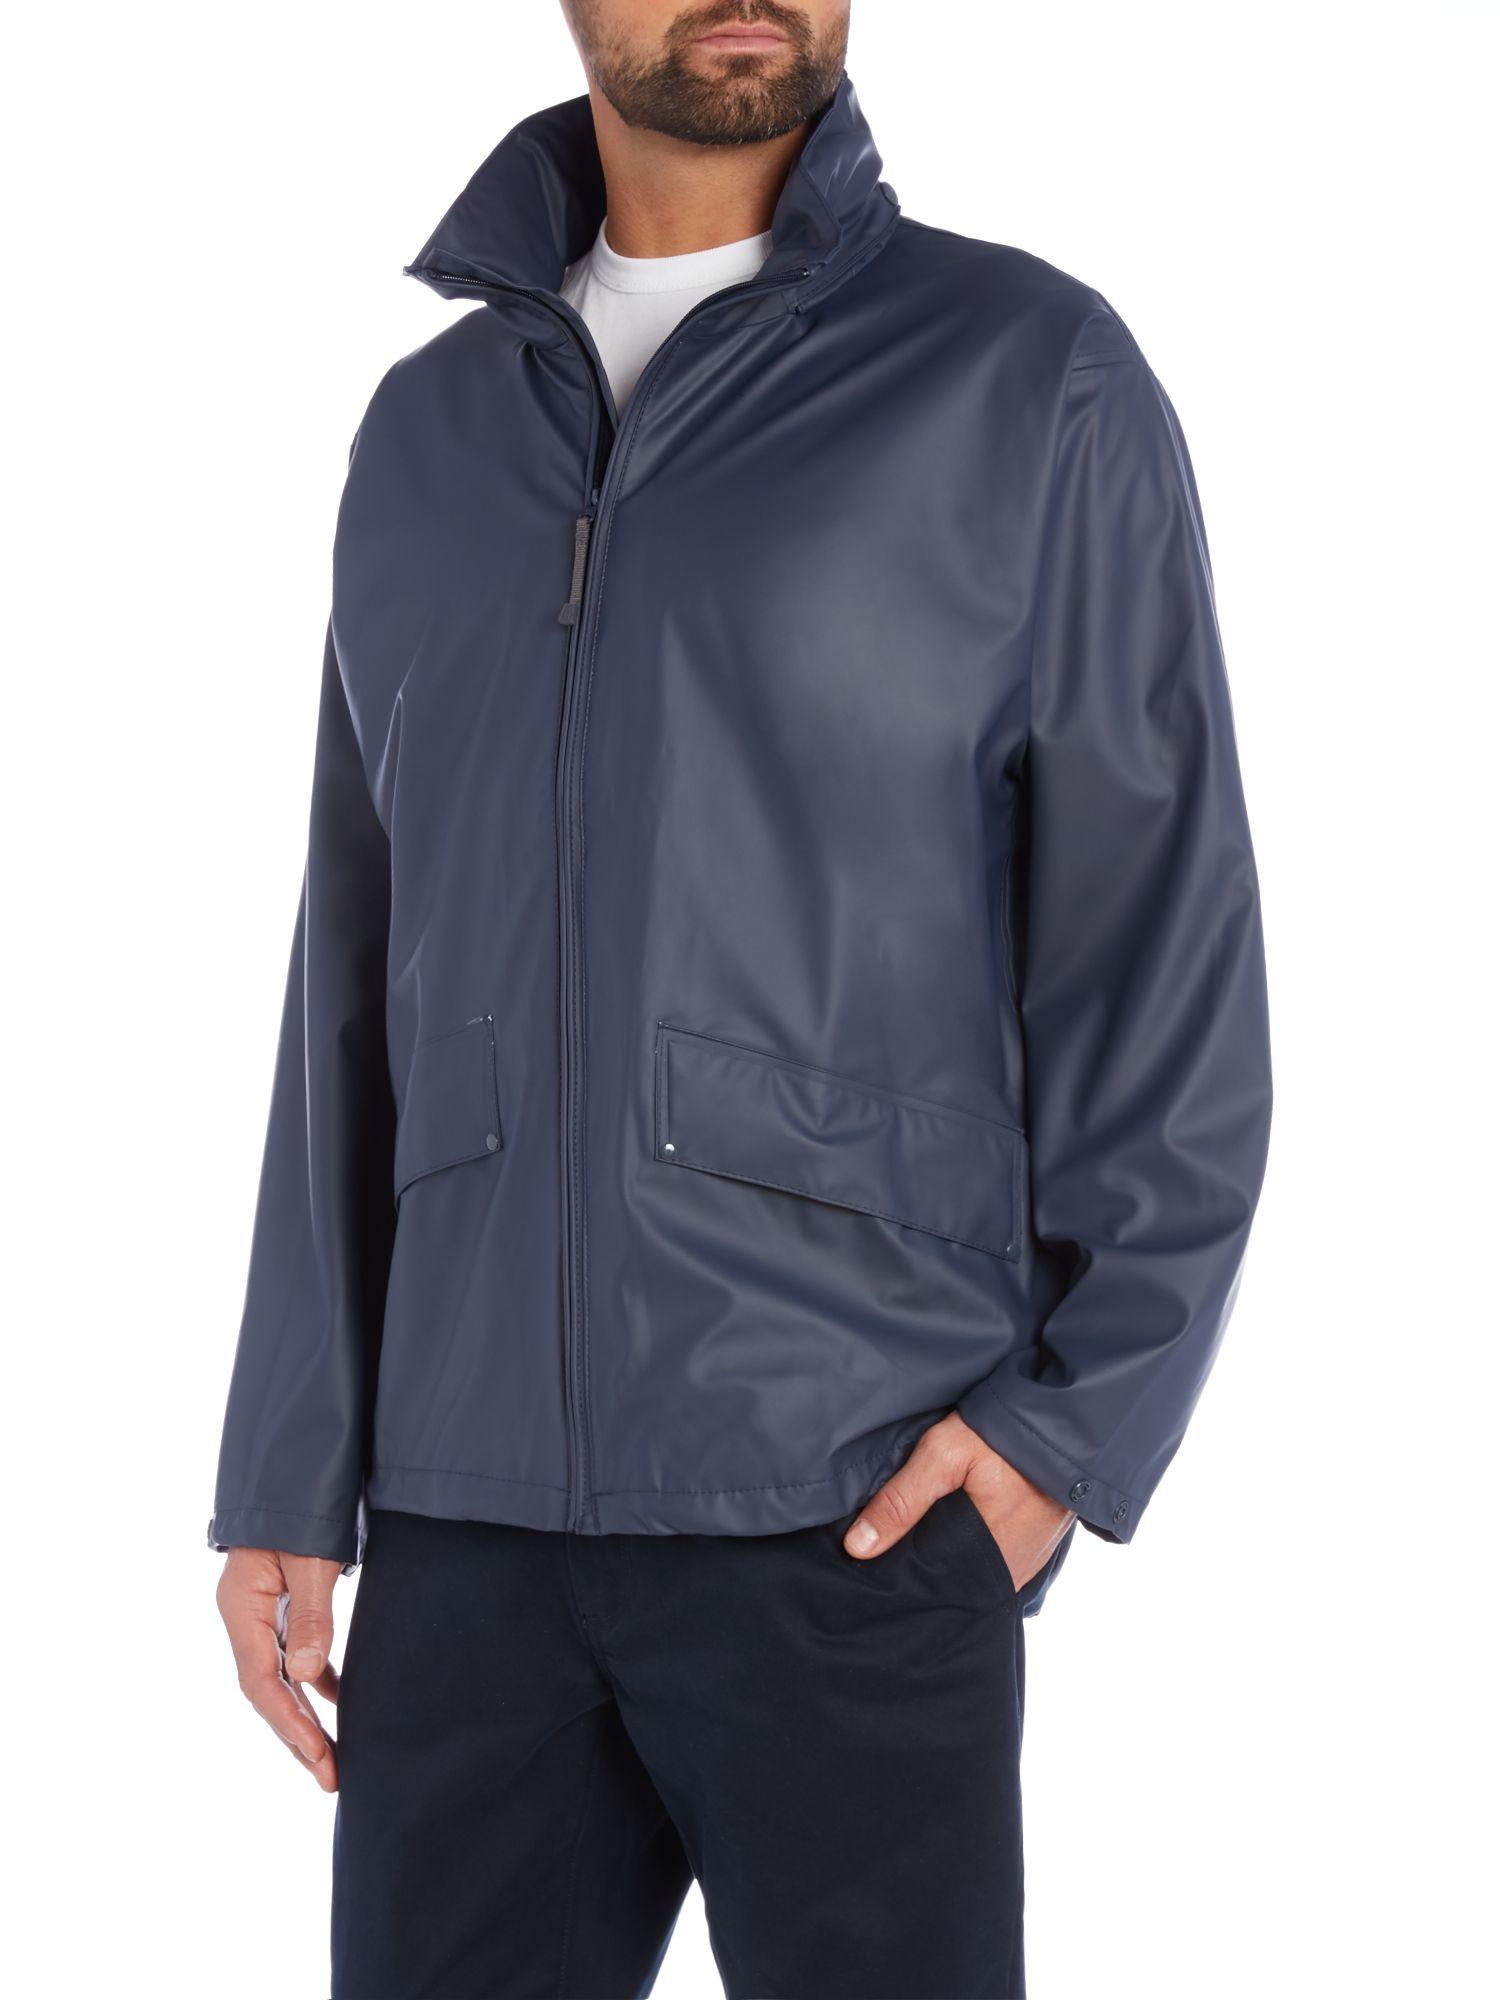 helly hansen voss jacket in blue for men lyst. Black Bedroom Furniture Sets. Home Design Ideas